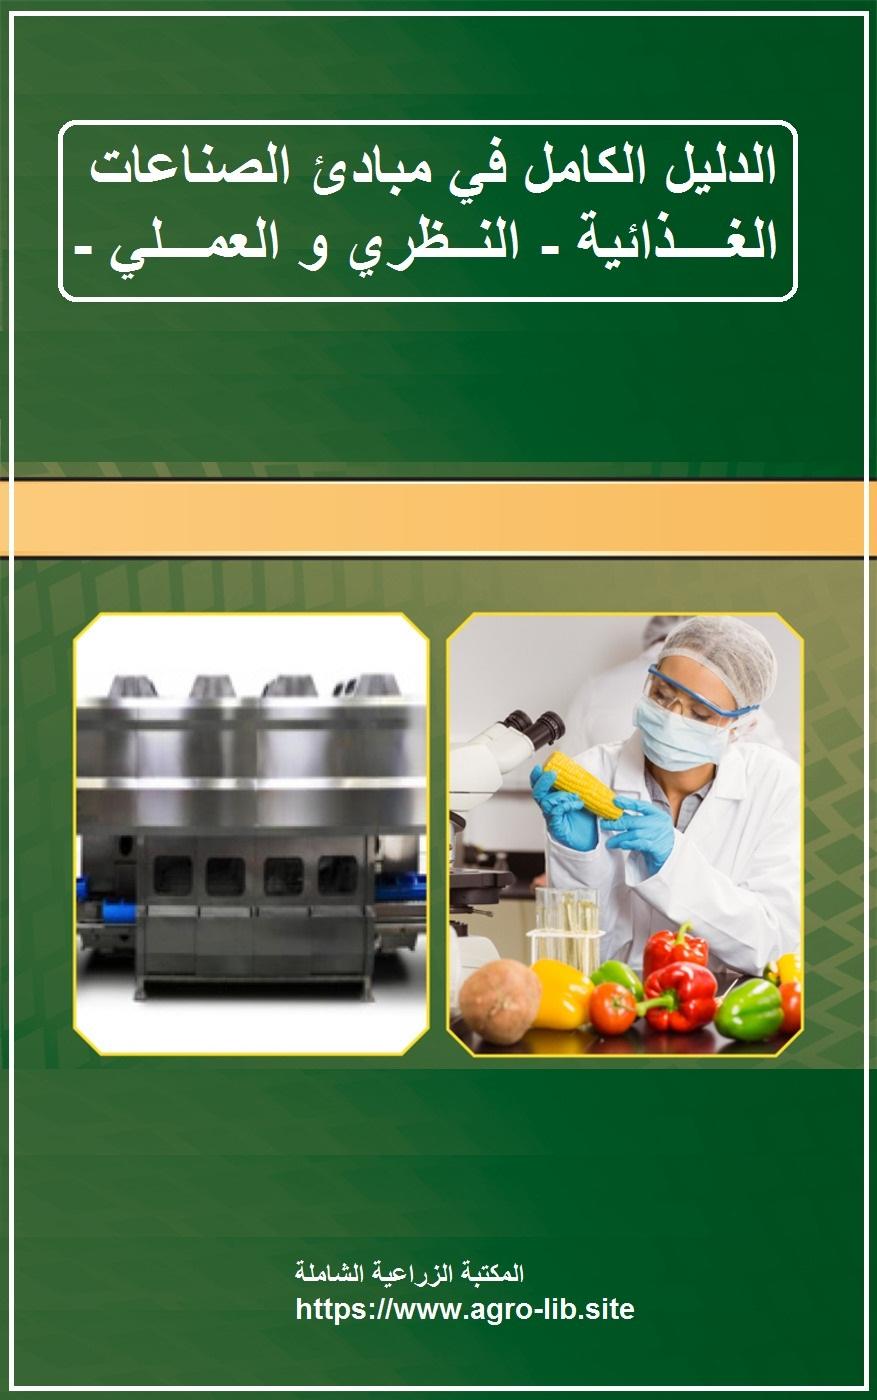 كتاب : الدليل الكامل في مبادئ الصناعات الغذائية - النظري و العملي -